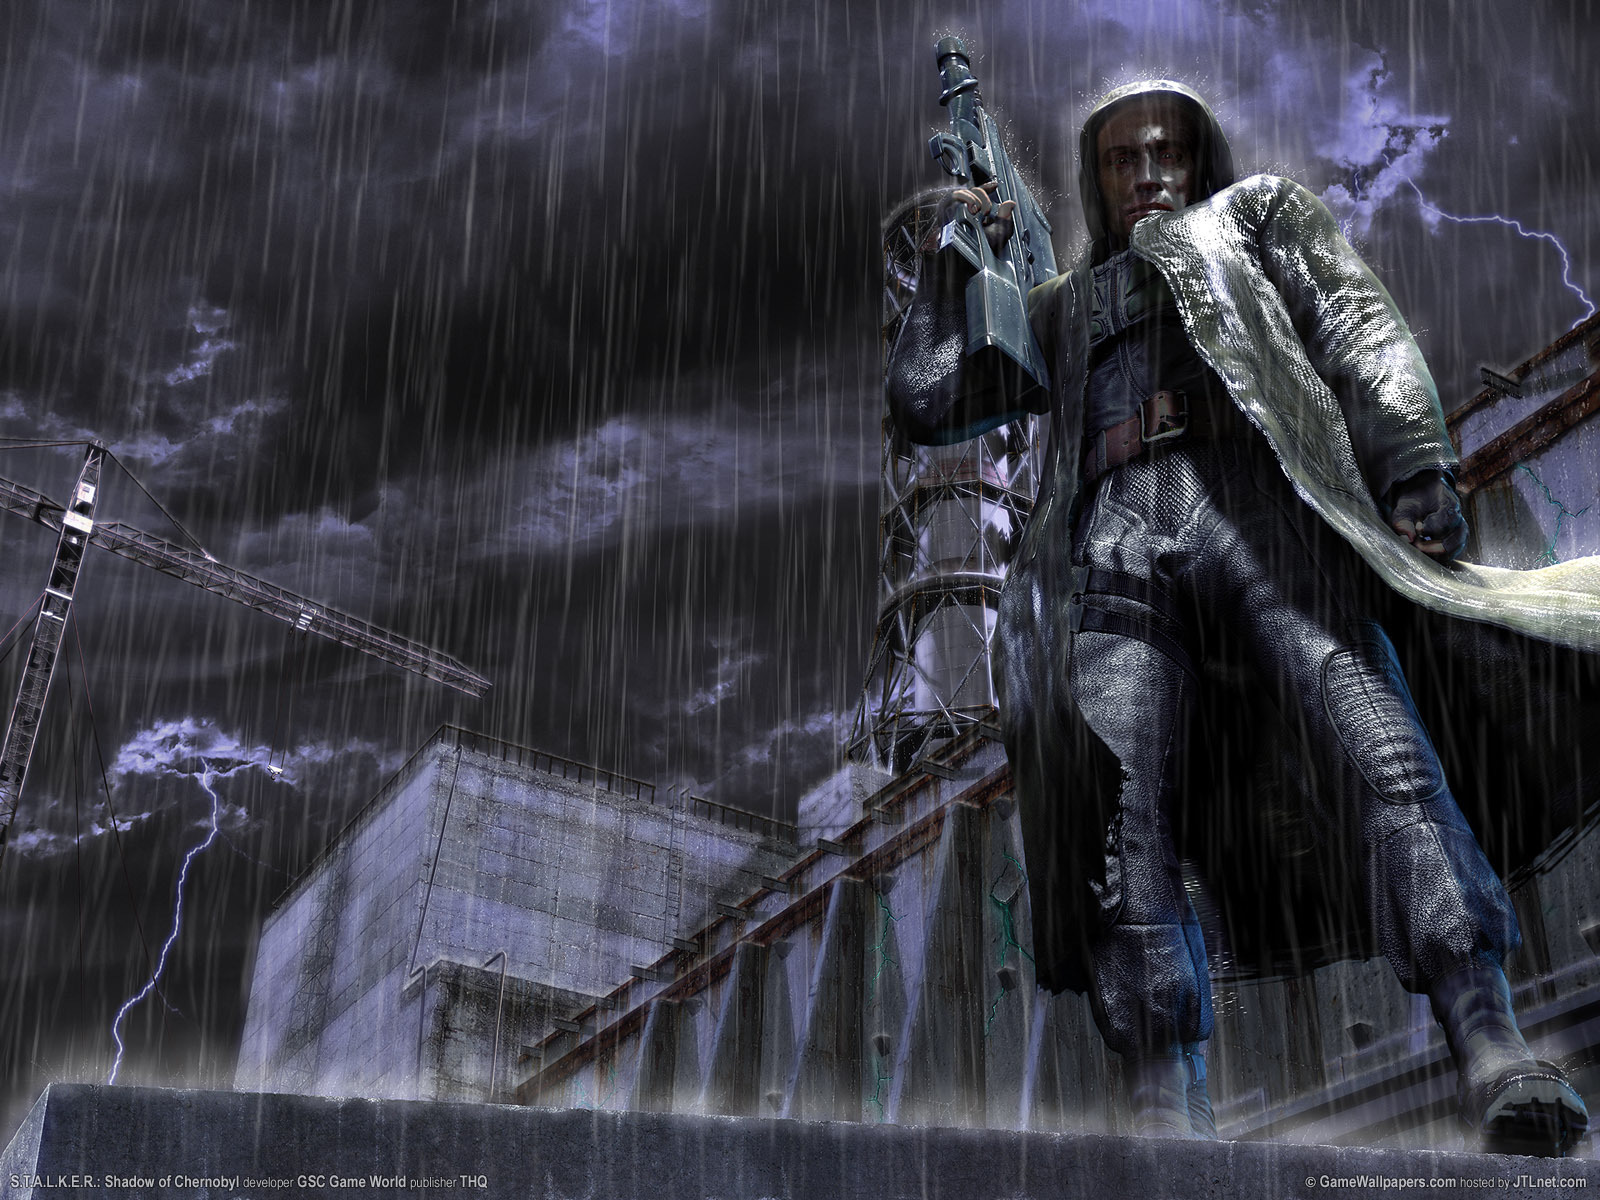 12994 скачать обои Игры, Дождь, Сталкер (S.t.a.l.k.e.r.) - заставки и картинки бесплатно